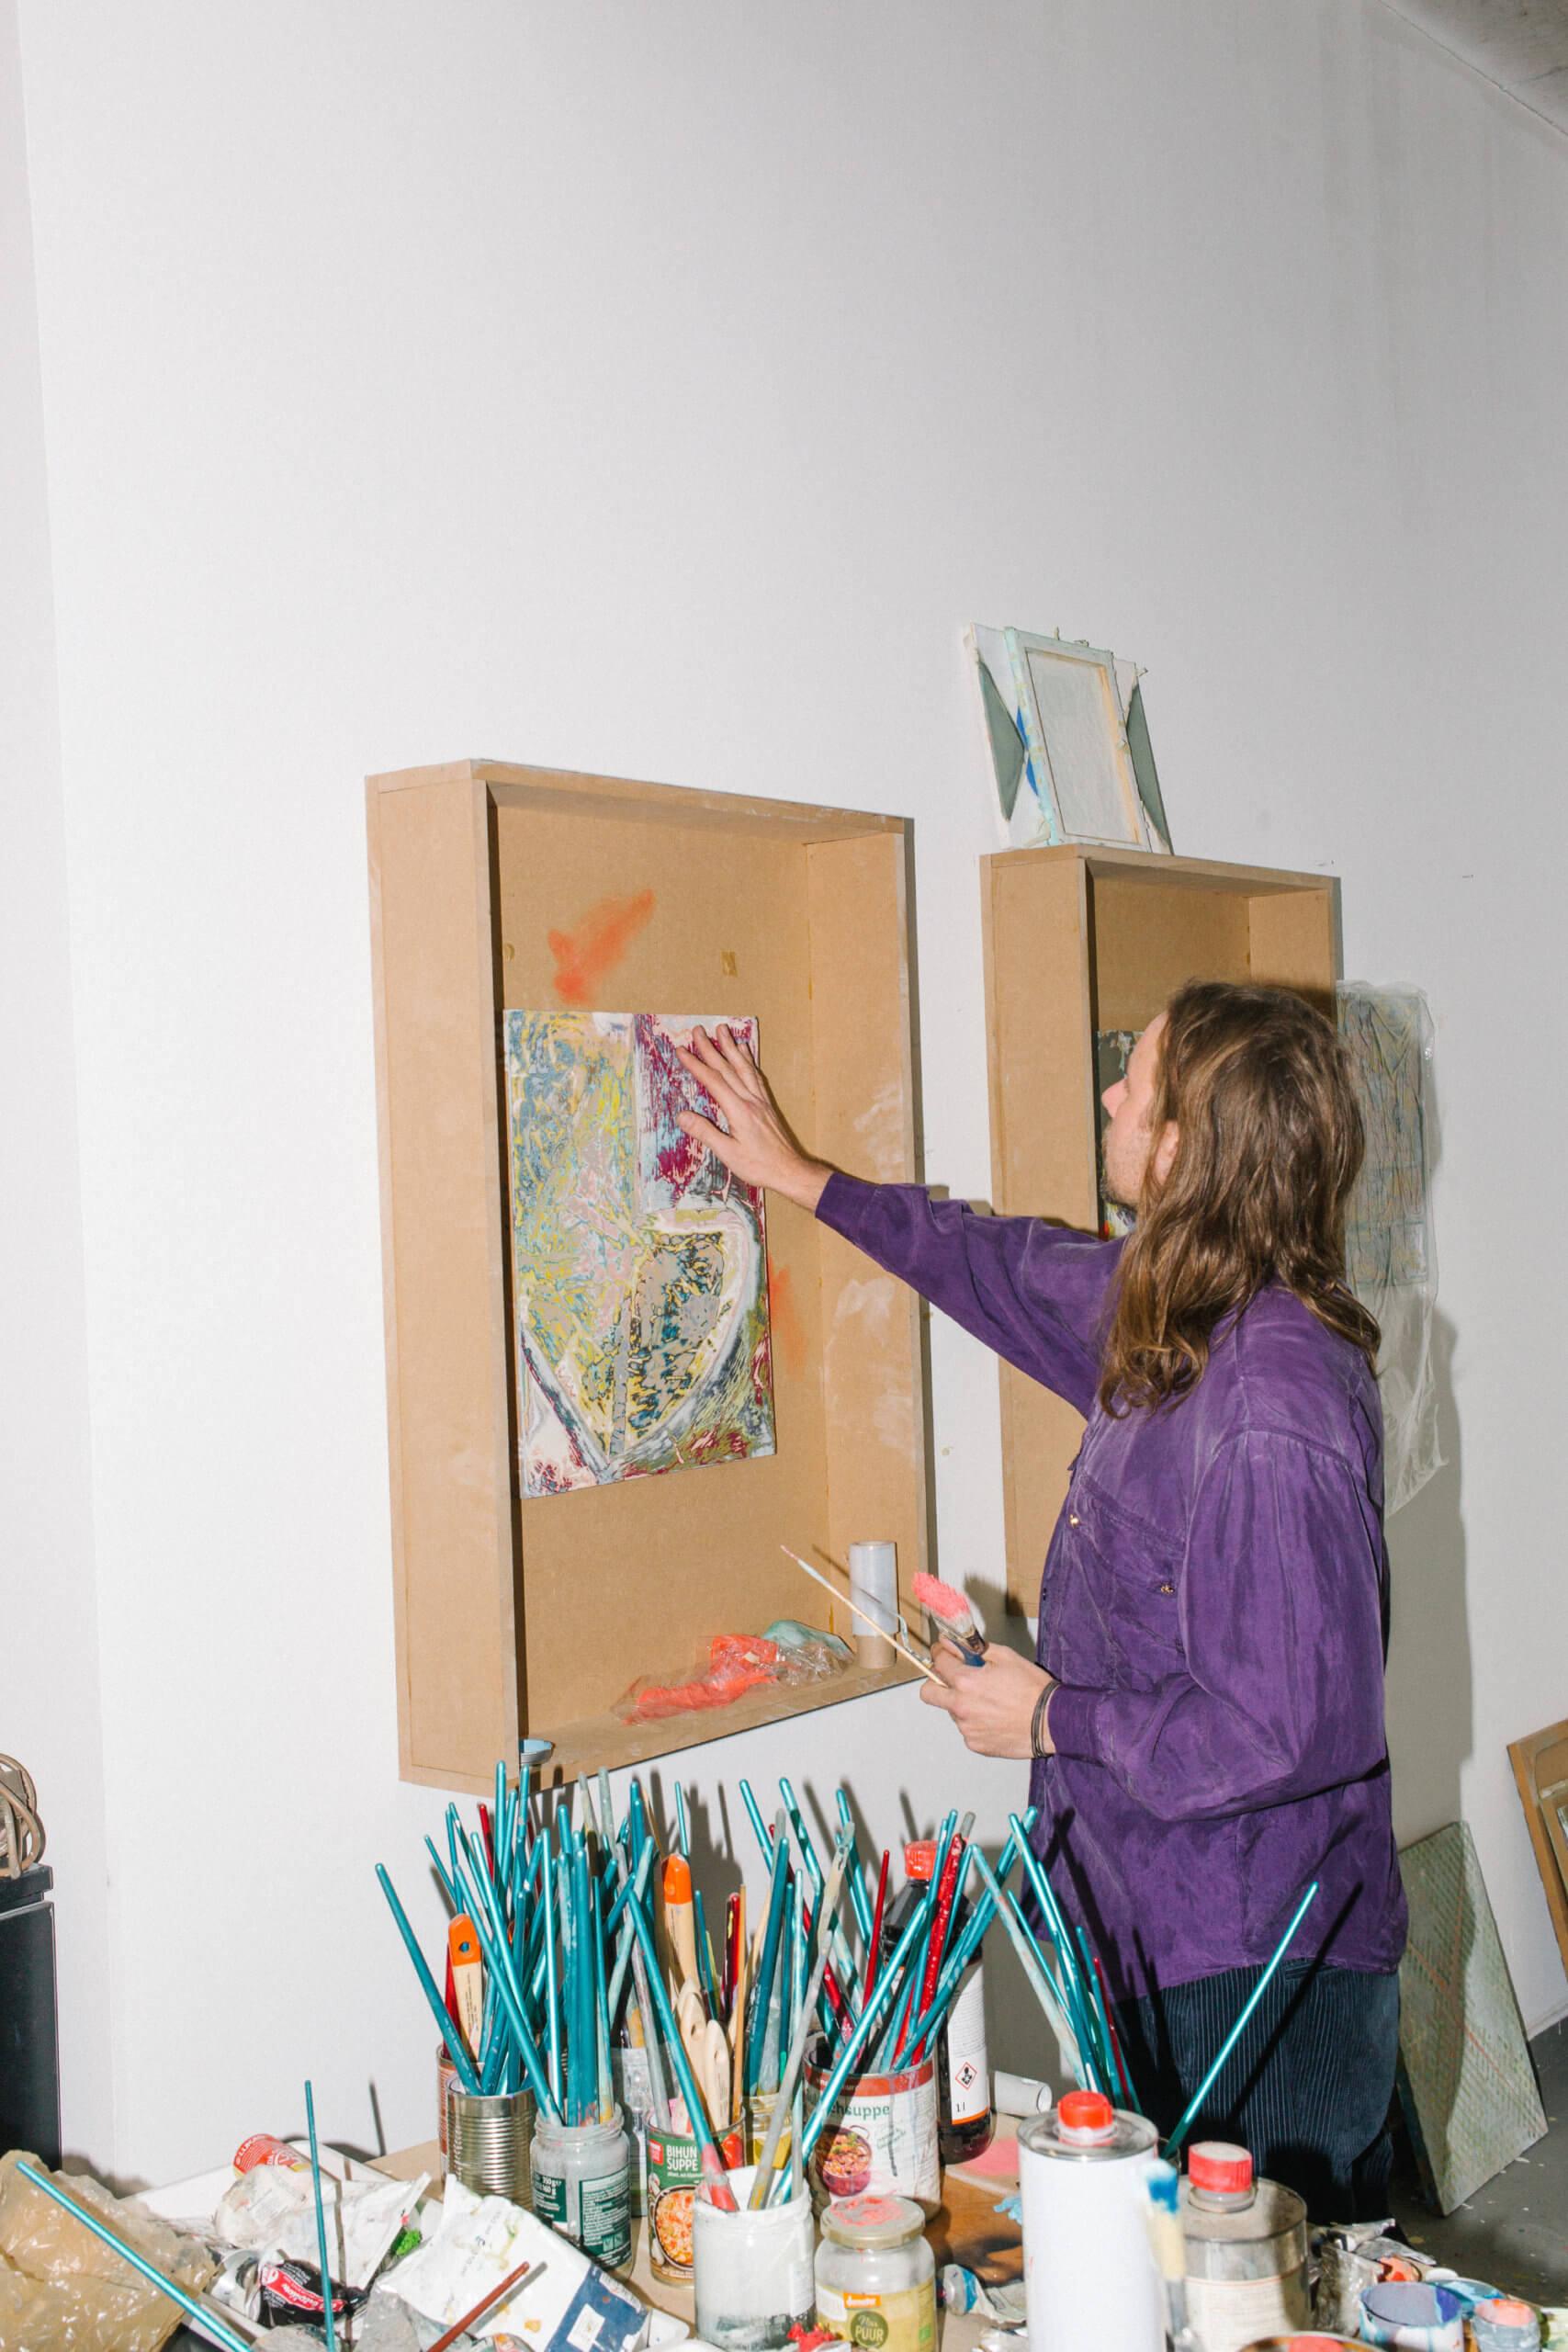 Raik Gupin steht in Rückansicht vor dem Fotografen und bearbeitet ein Werk, welches an der Wand hängt